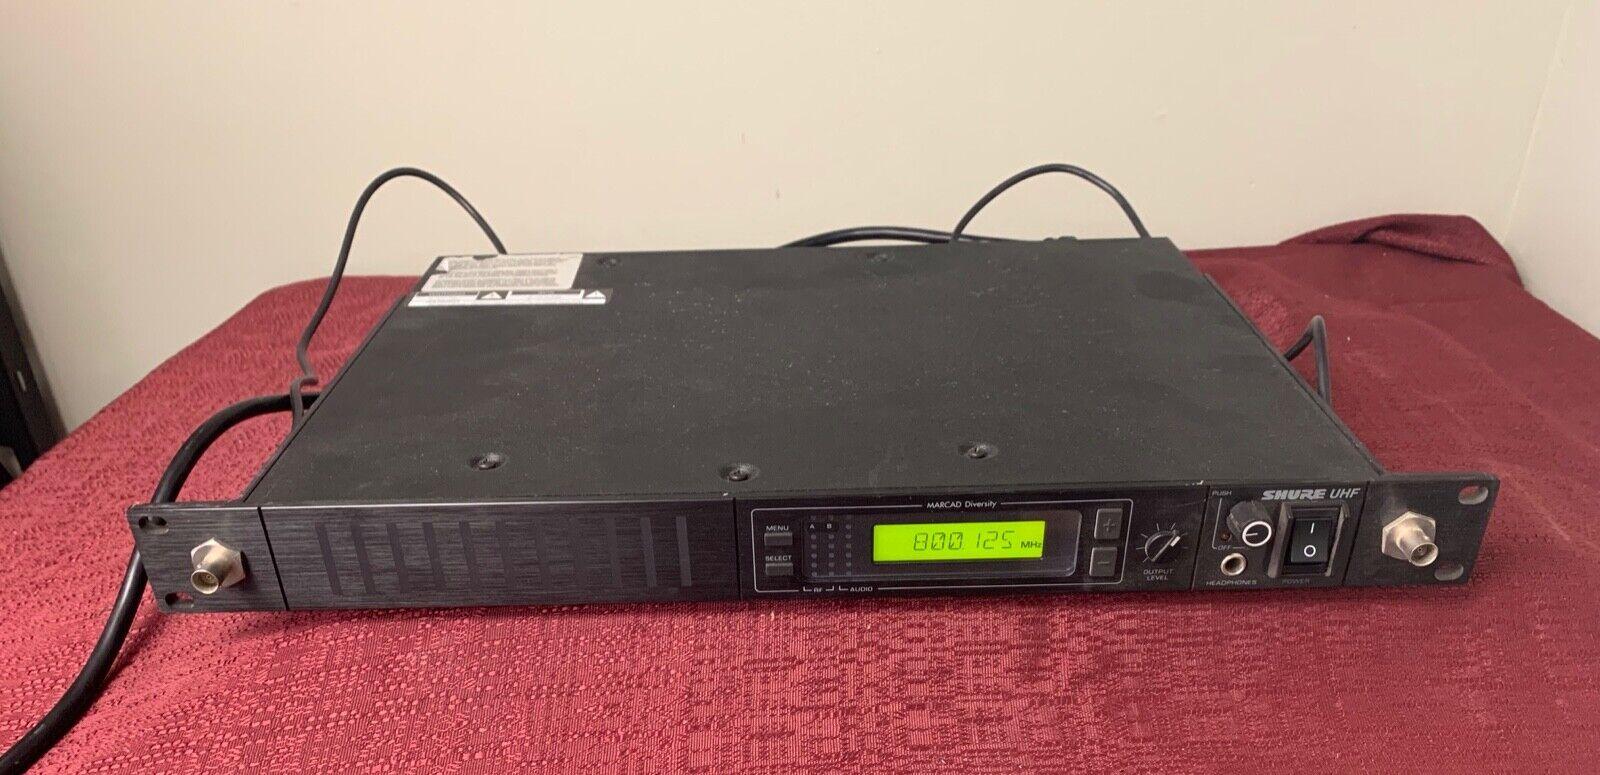 Shure Modello U4s-ua Singolo Ricevitore Frequenza 782-806 Mhz Uhf Marcad Gamma